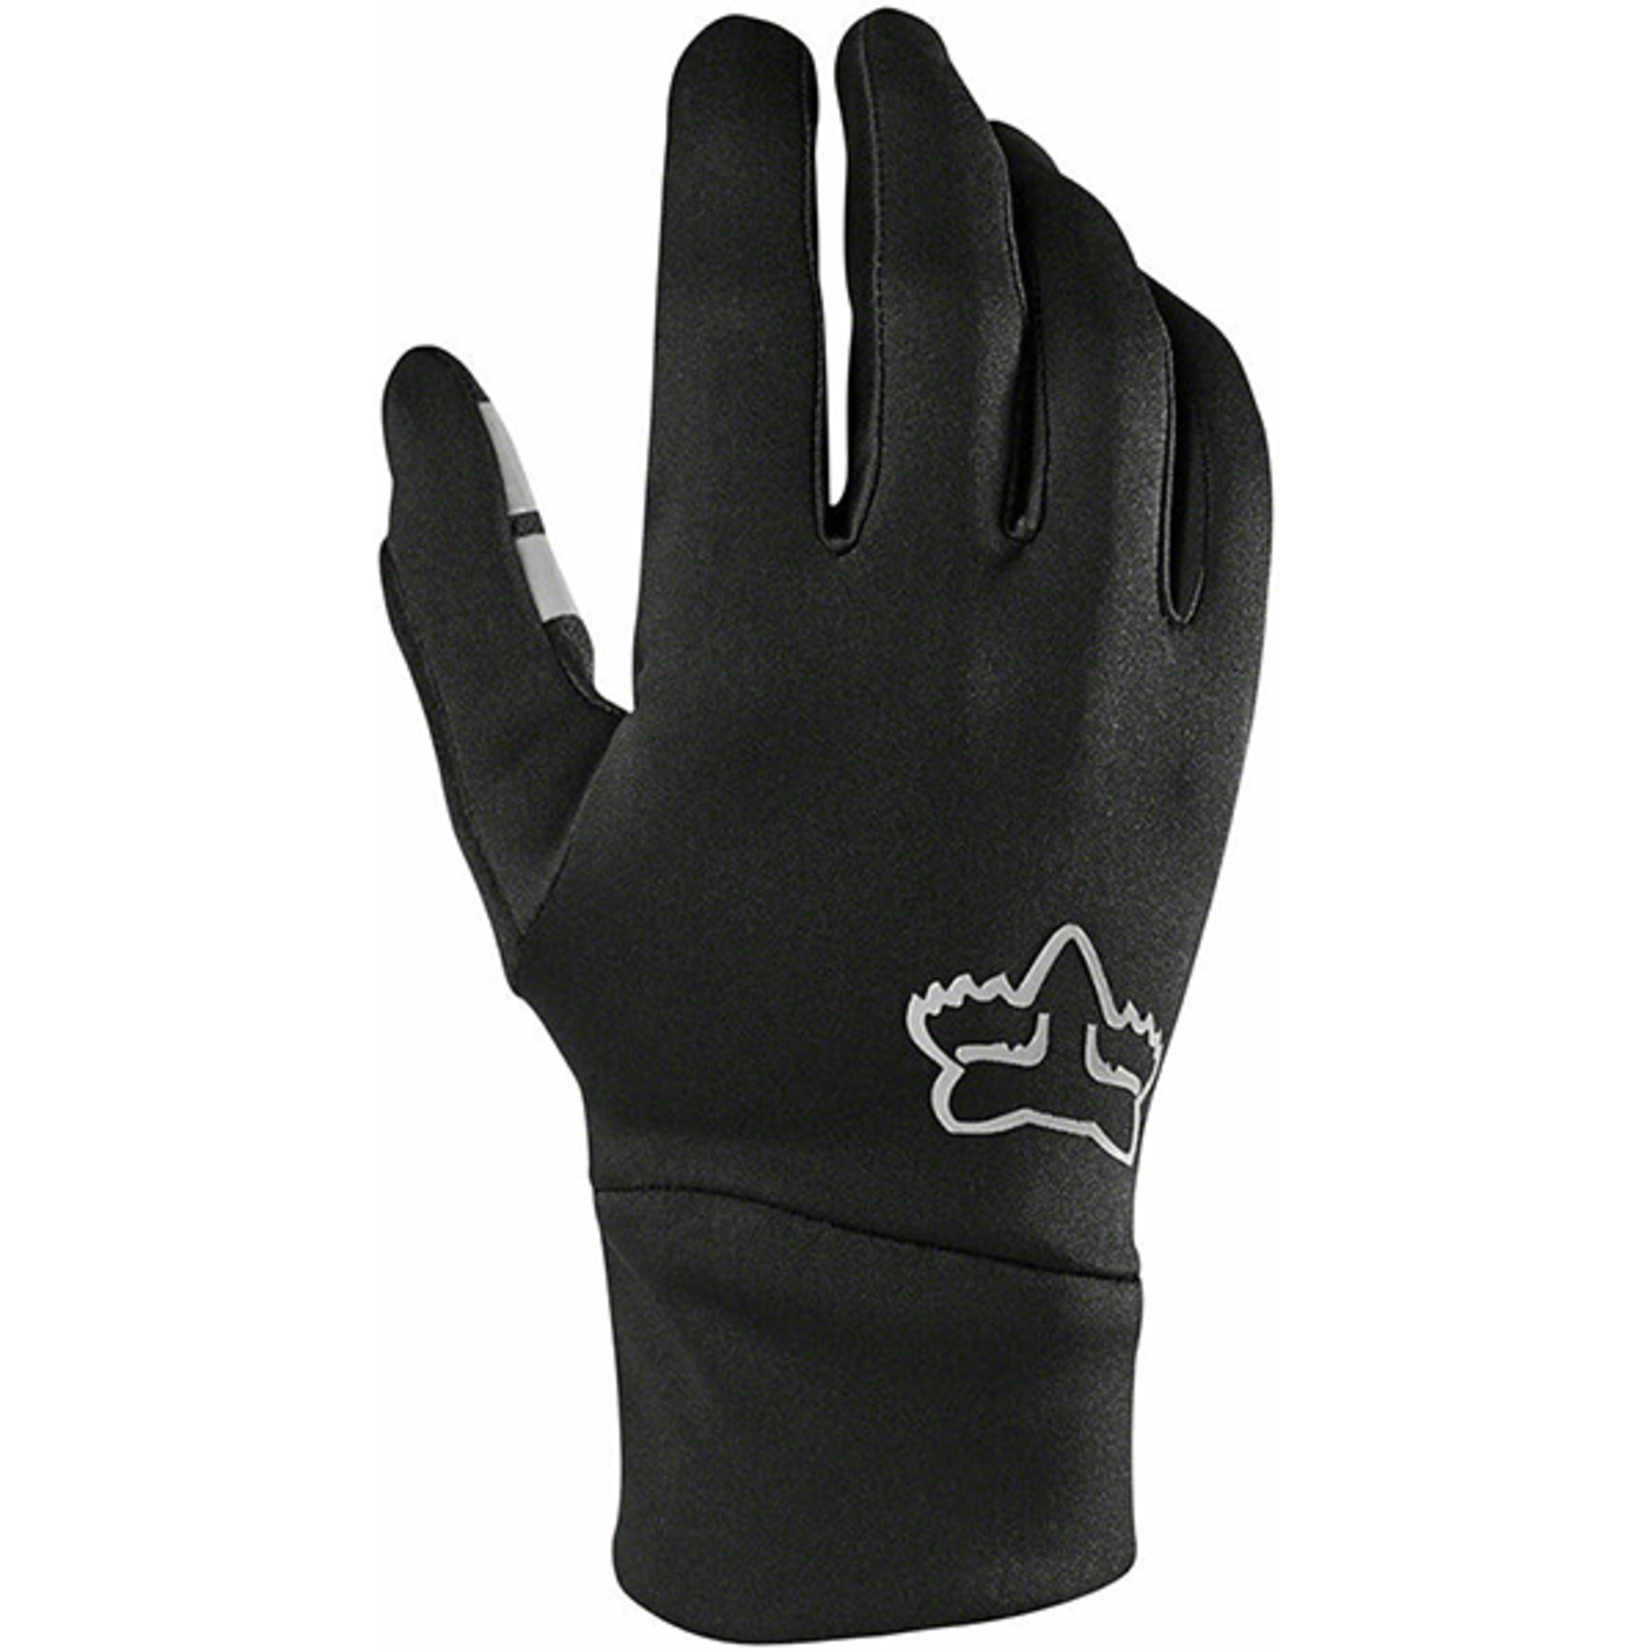 FOX Ranger Fire Glove